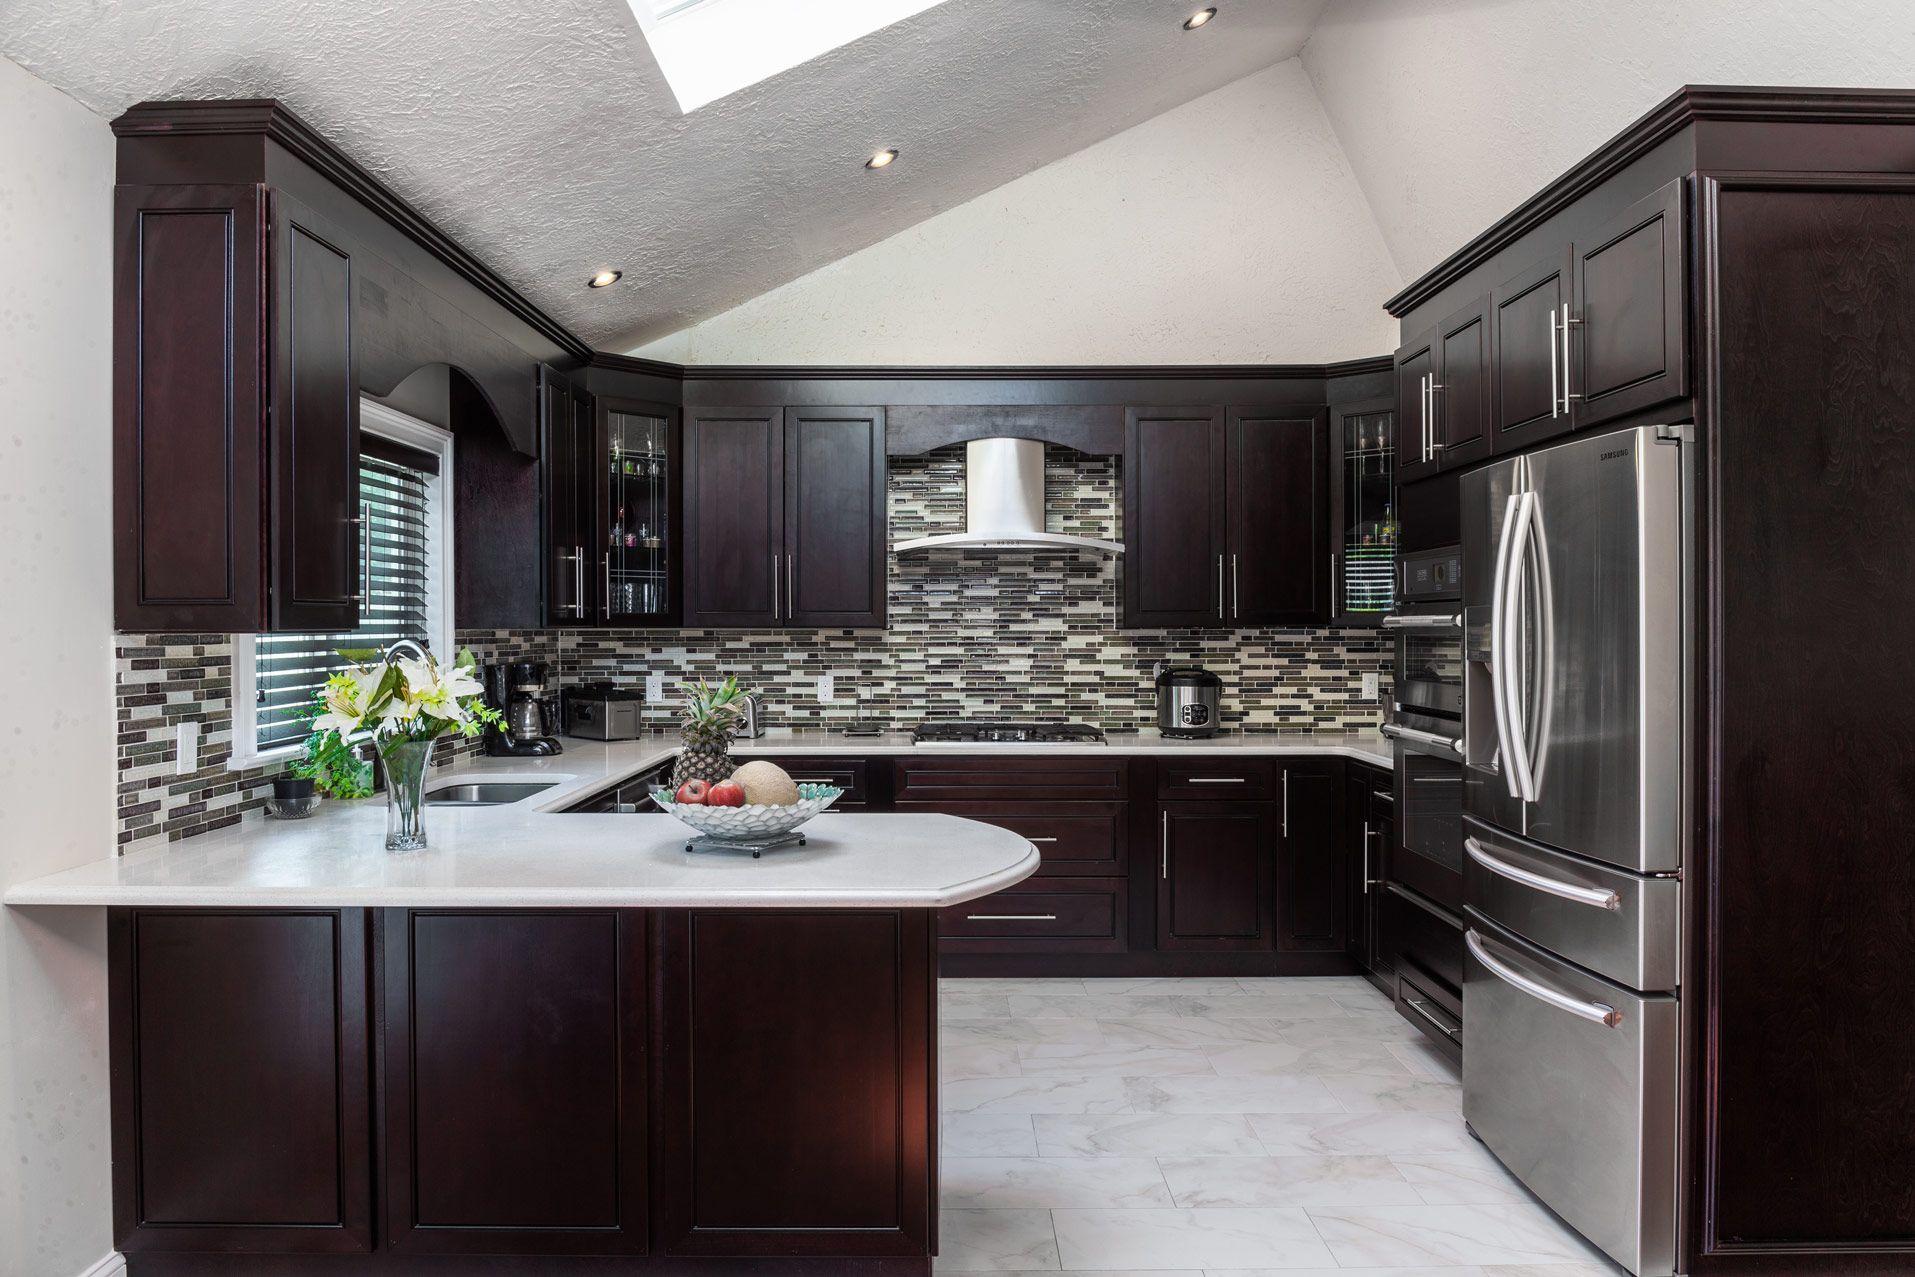 Home Cabinet Westbury K8 Style Modern Espresso Maple Kitchen In 2020 G Shaped Kitchen Interior Design Kitchen Kitchen Layout